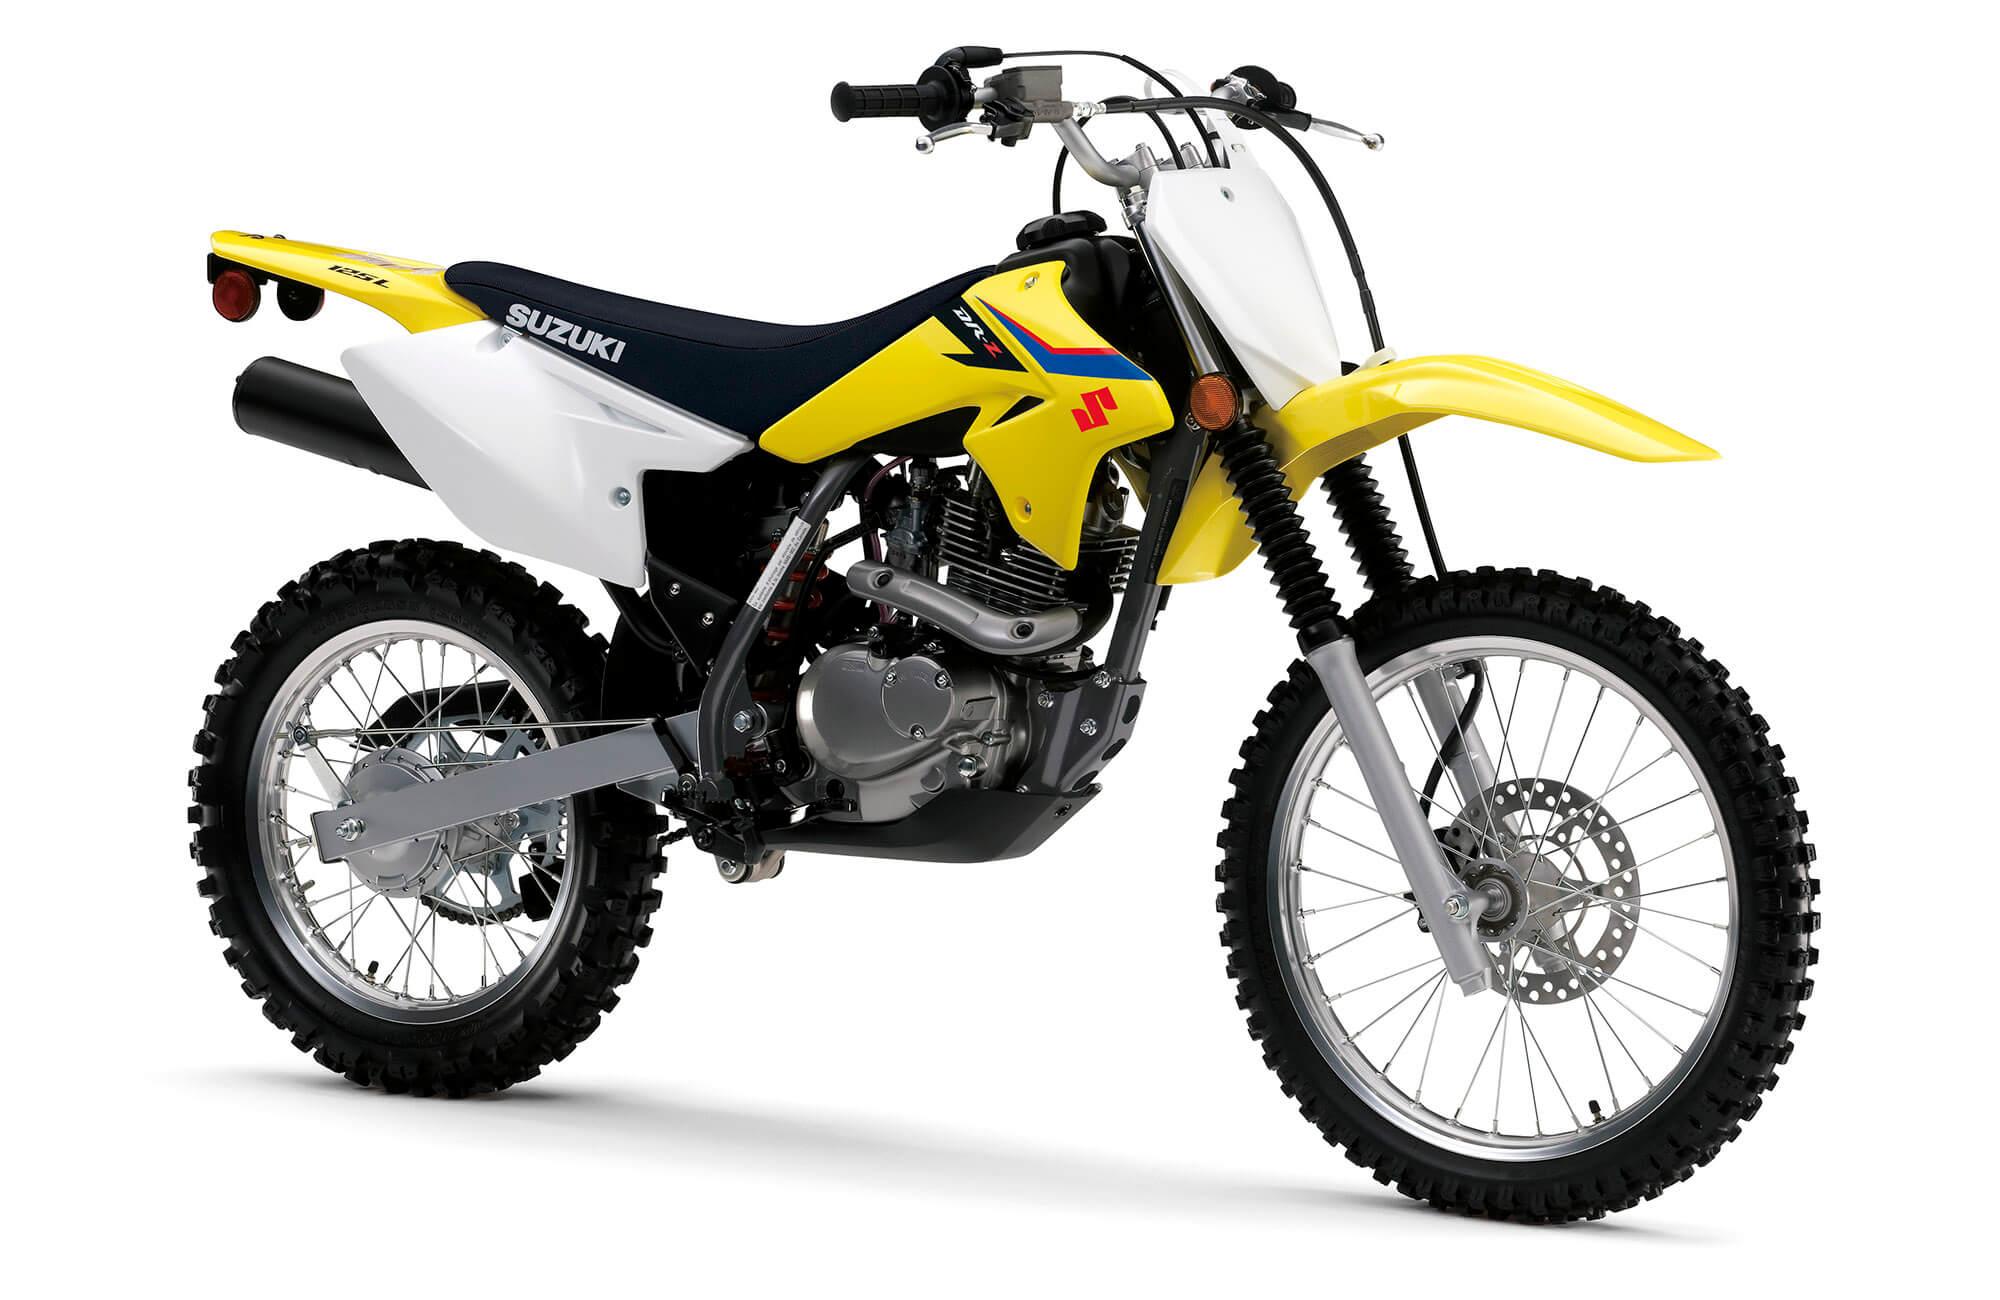 2019-DR-Z125L-yellow-black